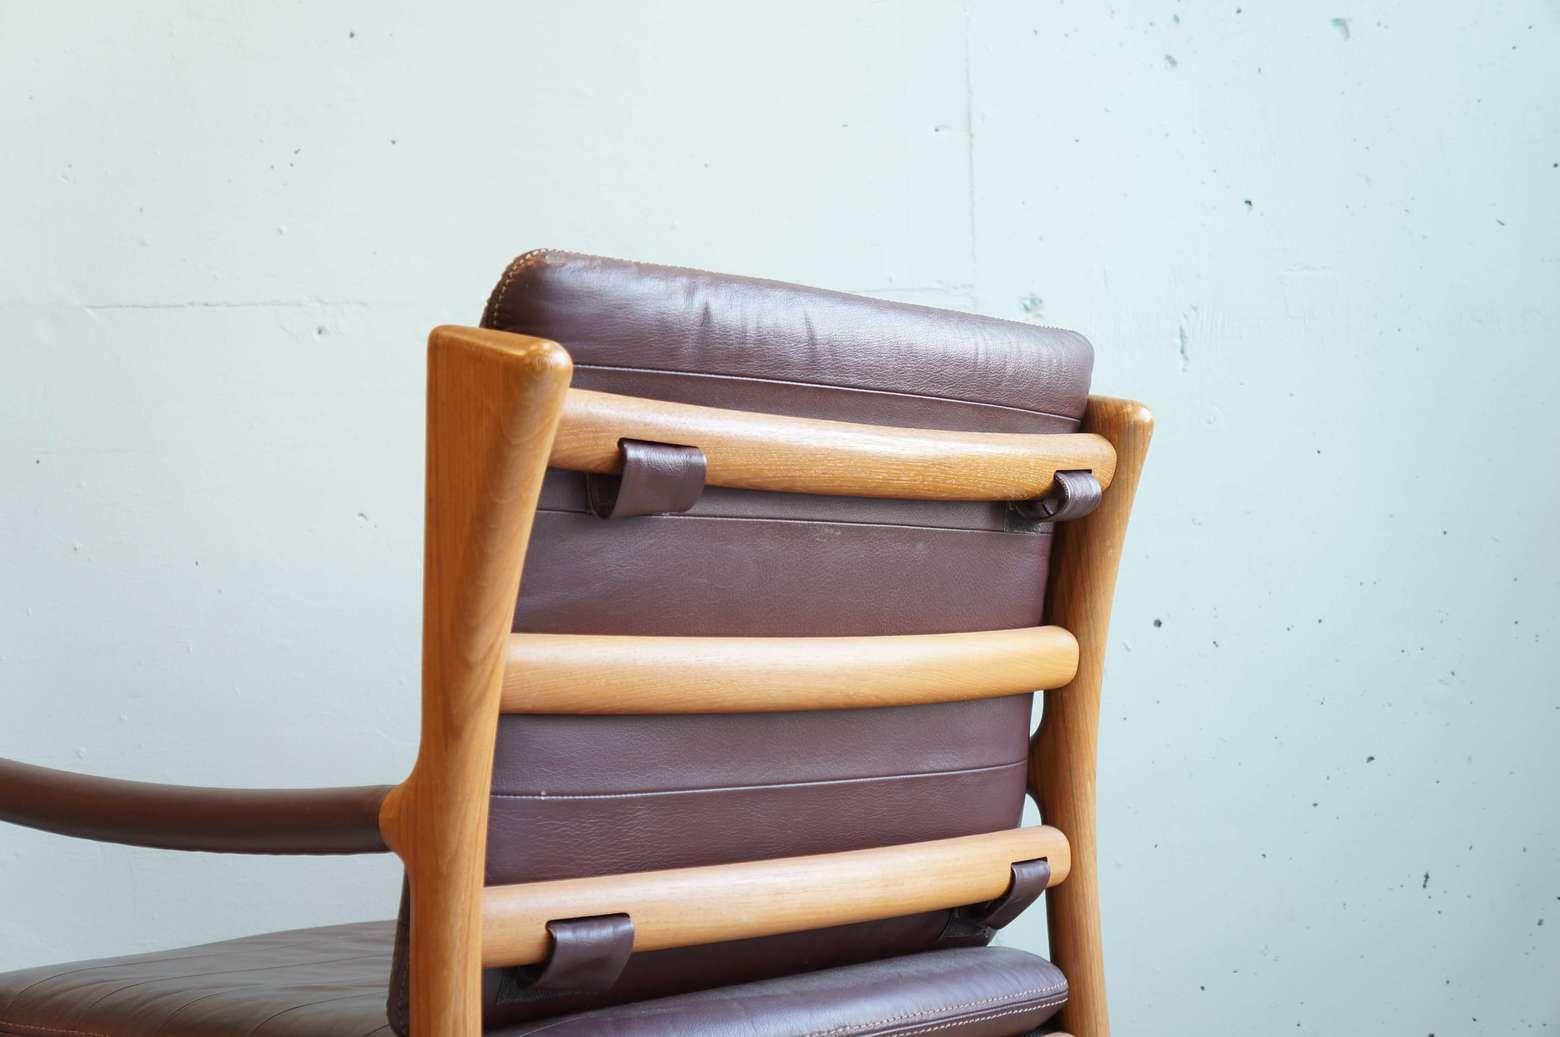 1970年代には、伊勢丹や三越など、多く百貨店の高級家具売り場には、北欧家具などの製品と並び販売さえており、当時チーク材を使用した製品の最高峰として青林製作所や山品木工と共に高い評価を得ていた日田工芸。現在では、保存状態の良いものも少なくなっており昨今、北欧家具の人気と共にジャパンヴィンテージのチーク家具の需要も増えている為、希少価値が大変高くなっております。是非この機会にいかがでしょうか。経年や使用による細かな擦れなど御座いますが、木部/レザー共に上質な素材がつかわれており、大きなダメージはなくまだまだ末永くご使用頂けるかと思います。 撫でていたくなるようなアームの部分のエッヂ、背面の緩やかなカーブなど、家具という概念を超え、機能性と美術的な美しさを融合させたまさしく工芸という言葉を感じさせてくれるアームチェアです。【東京都杉並区阿佐ヶ谷北アンティークショップ 古一/ZACK高円寺店】 古一/ふるいちでは出張無料買取も行っております。杉並区周辺はもちろん、世田谷区・目黒区・武蔵野市・新宿区等の東京近郊のお見積もりも!ビンテージ家具・インテリア雑貨・ランプ・USED品・ リサイクルなら古一/フルイチへ~1970年代には、伊勢丹や三越など、多く百貨店の高級家具売り場には、北欧家具などの製品と並び販売さえており、当時チーク材を使用した製品の最高峰として青林製作所や山品木工と共に高い評価を得ていた日田工芸。現在では、保存状態の良いものも少なくなっており昨今、北欧家具の人気と共にジャパンヴィンテージのチーク家具の需要も増えている為、希少価値が大変高くなっております。是非この機会にいかがでしょうか。経年や使用による細かな擦れなど御座いますが、木部/レザー共に上質な素材がつかわれており、大きなダメージはなくまだまだ末永くご使用頂けるかと思います。 撫でていたくなるようなアームの部分のエッヂ、背面の緩やかなカーブなど、家具という概念を超え、機能性と美術的な美しさを融合させたまさしく工芸という言葉を感じさせてくれるアームチェアです。【東京都杉並区阿佐ヶ谷北アンティークショップ 古一/ZACK高円寺店】 古一/ふるいちでは出張無料買取も行っております。杉並区周辺はもちろん、世田谷区・目黒区・武蔵野市・新宿区等の東京近郊のお見積もりも!ビンテージ家具・インテリア雑貨・ランプ・USED品・ リサイクルなら古一/フルイチへ~